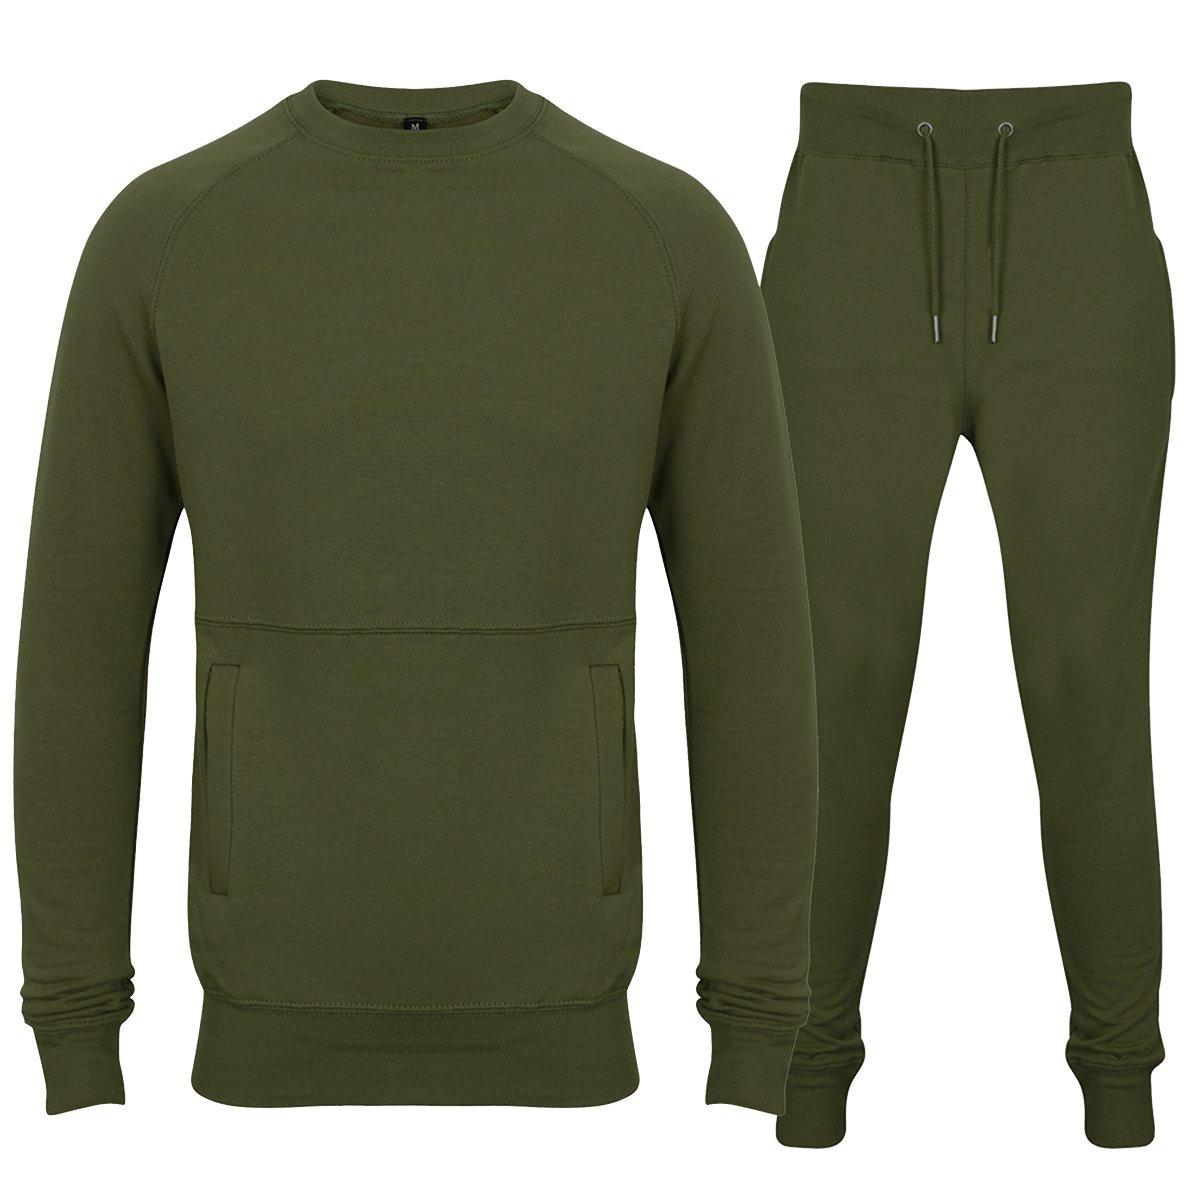 Fabrica Fashion tuta skinny fit elasticizzata con zip e pantaloni con tasche con cerniera